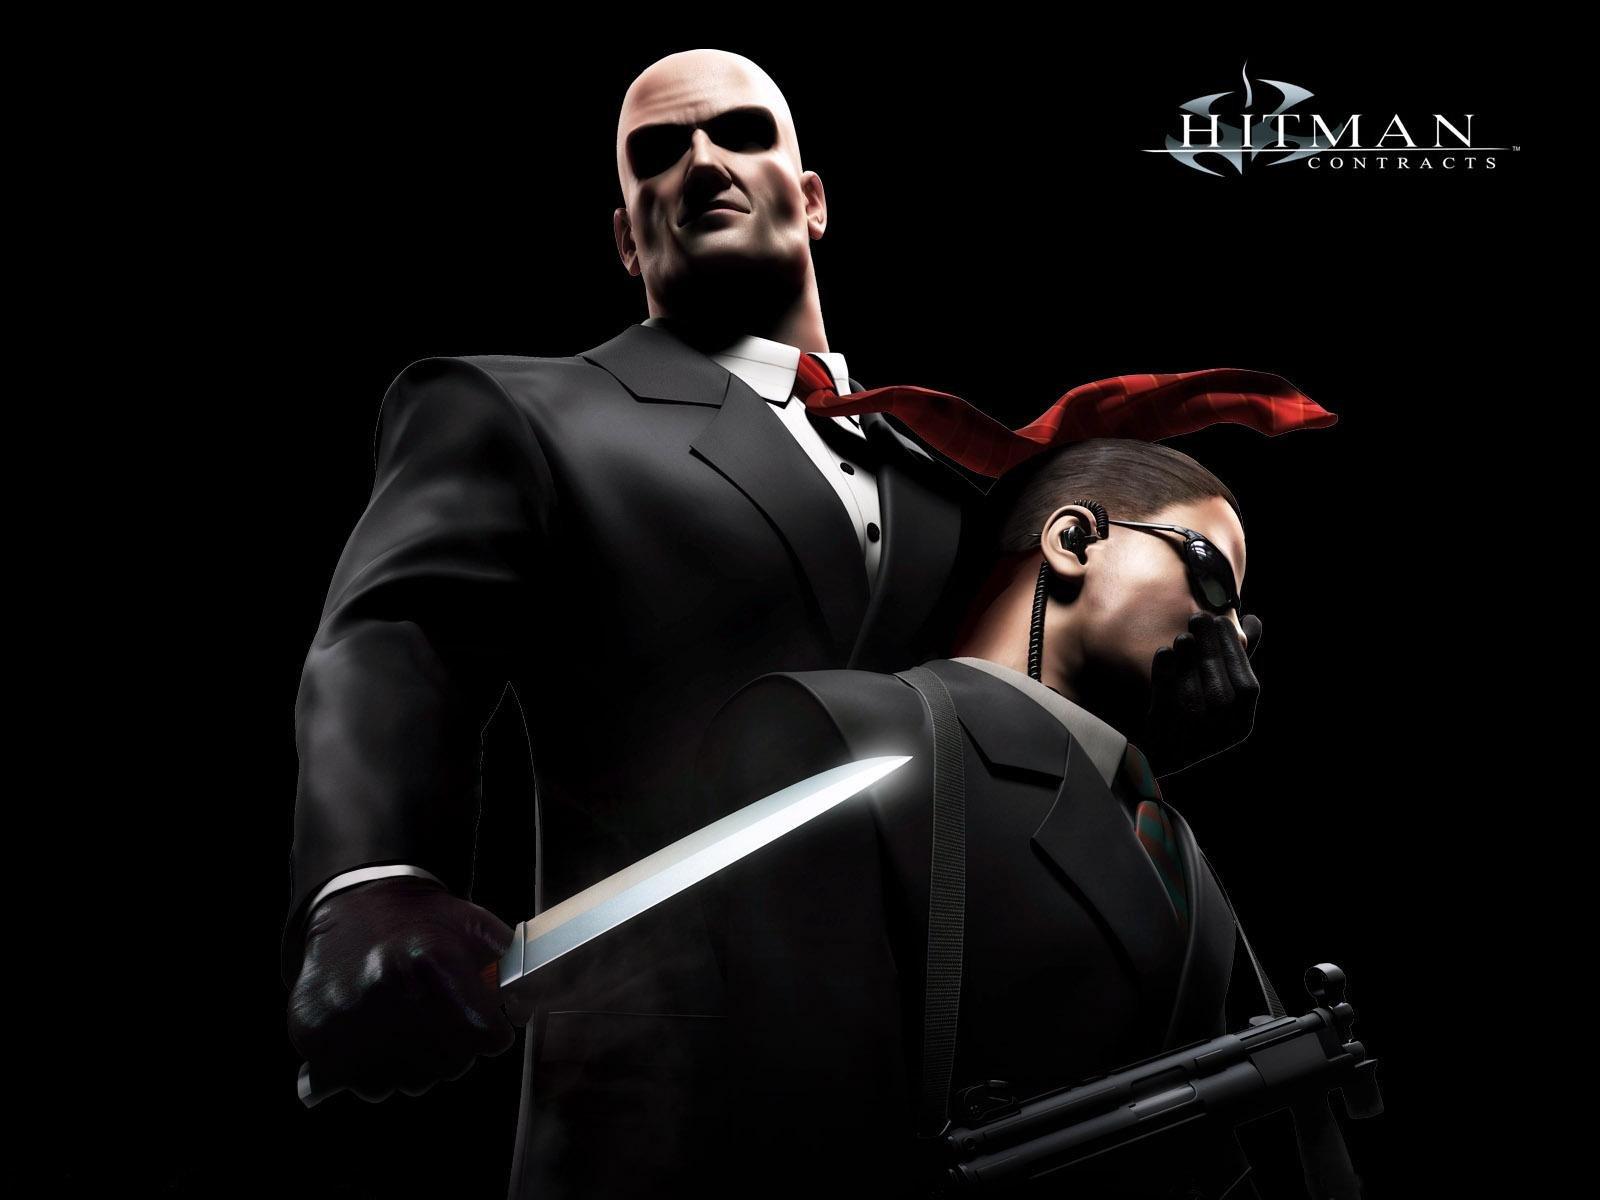 Loạt hình nền đẹp của game Hitman: Contracts